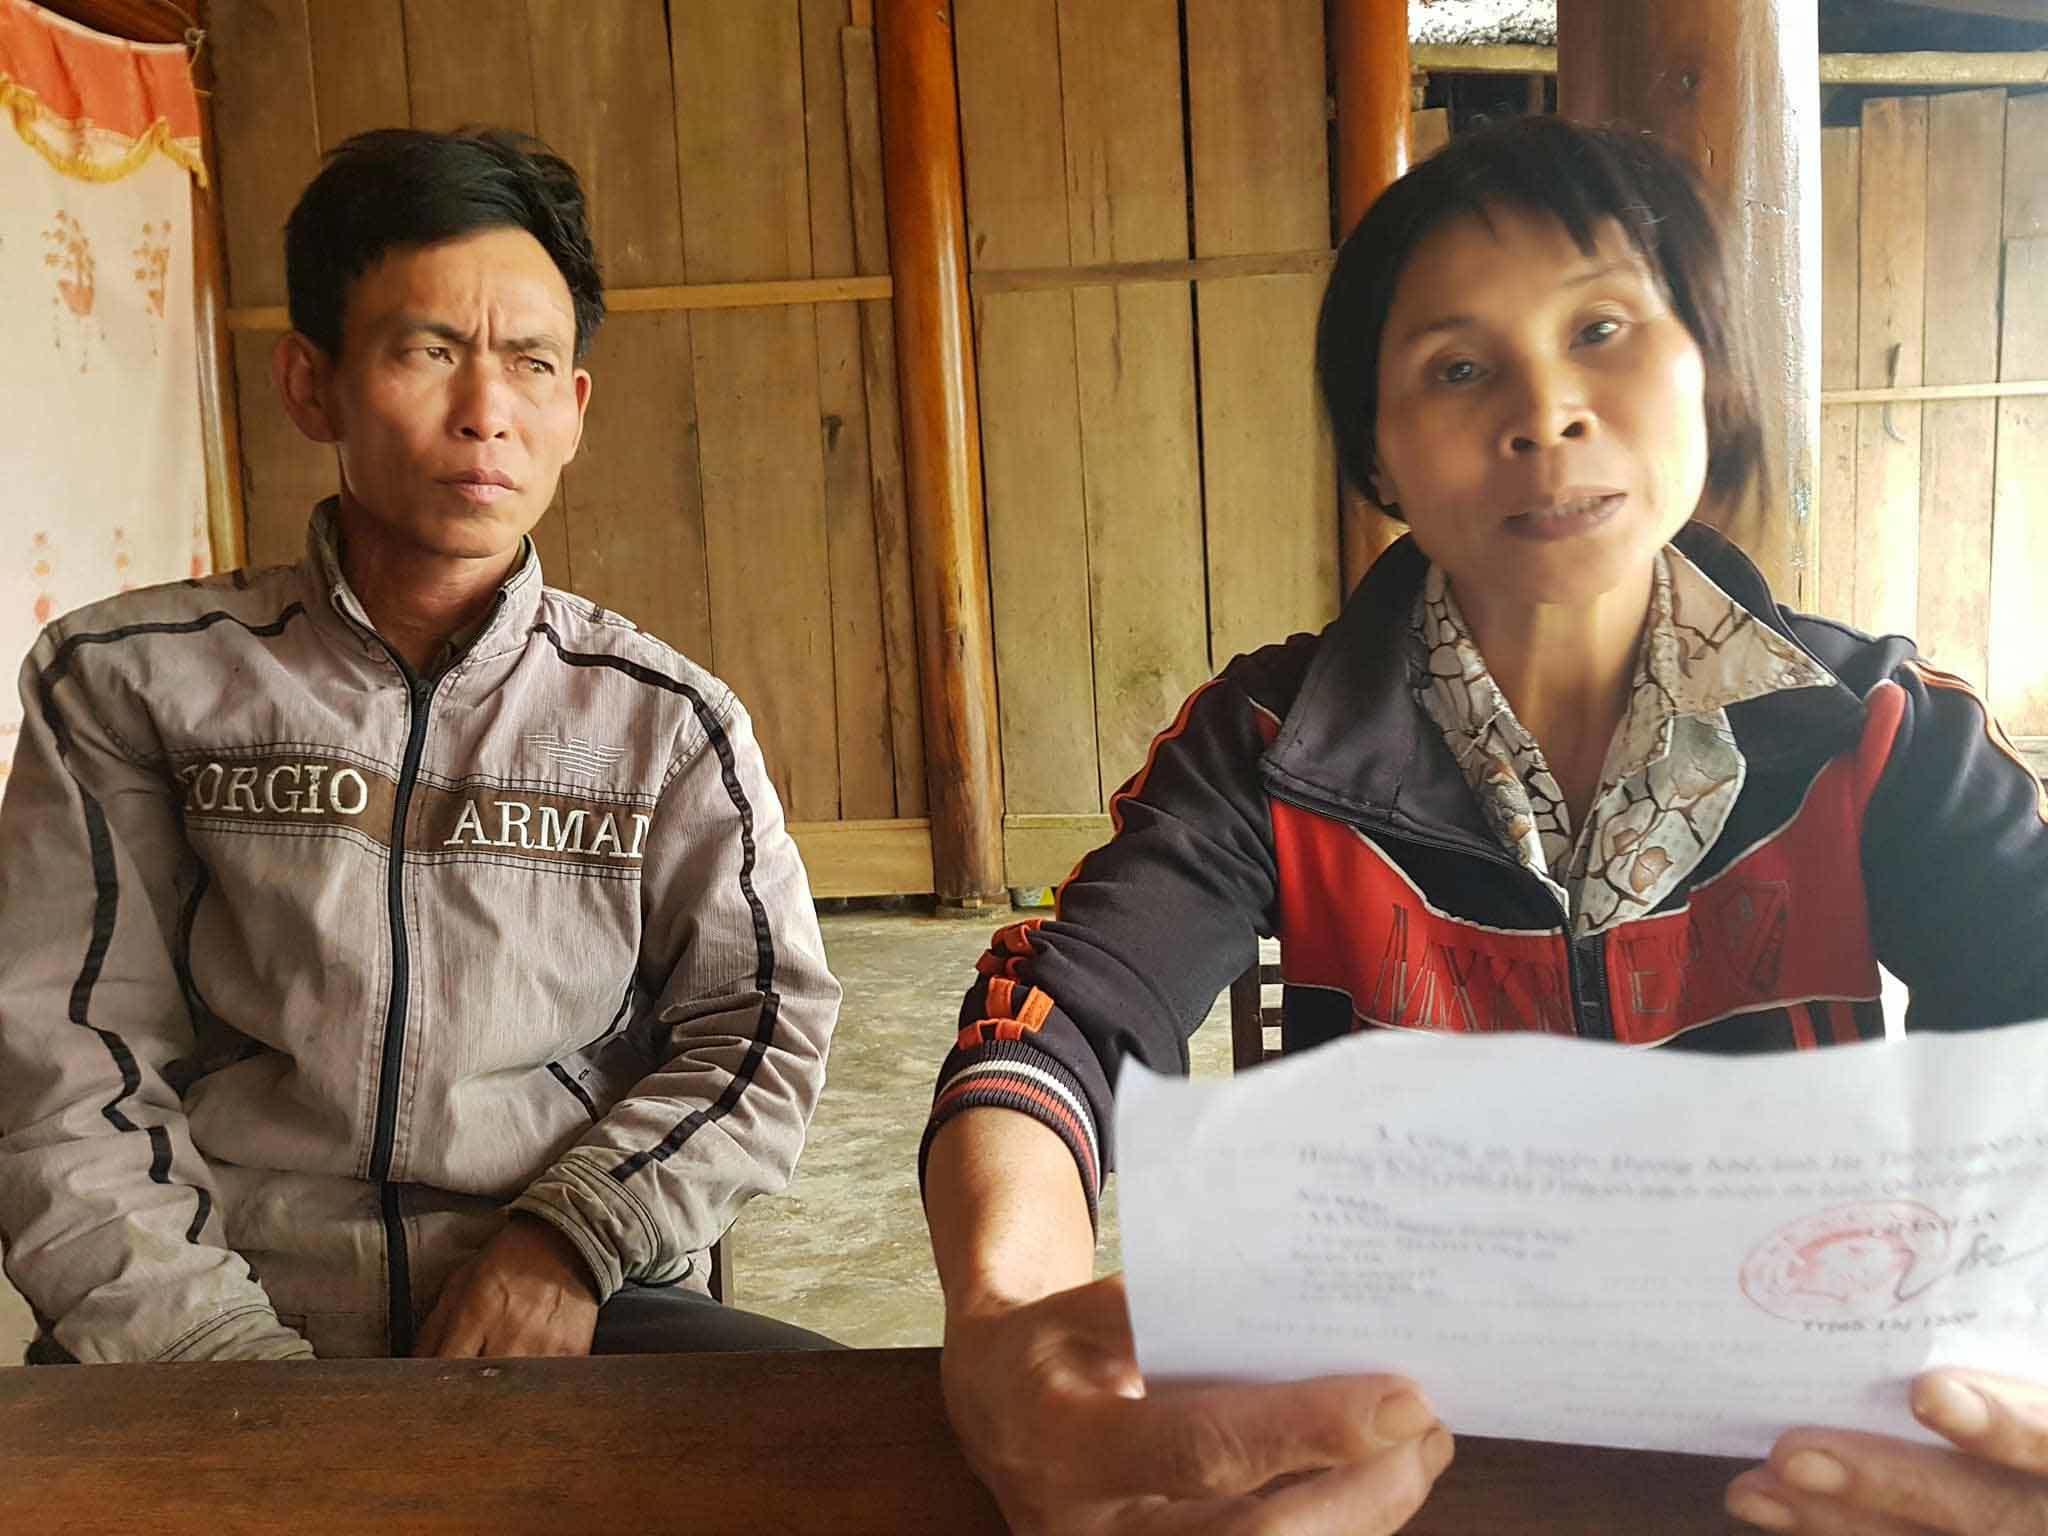 Vật vã kêu oan chốn công đường: Kêu cứu lên Giám đốc thẩm